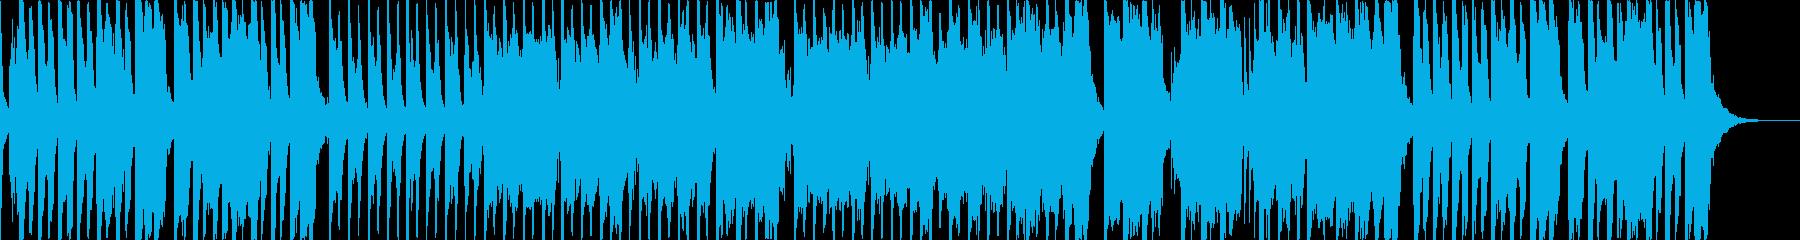 ショートアニメのOPっぽい曲。の再生済みの波形